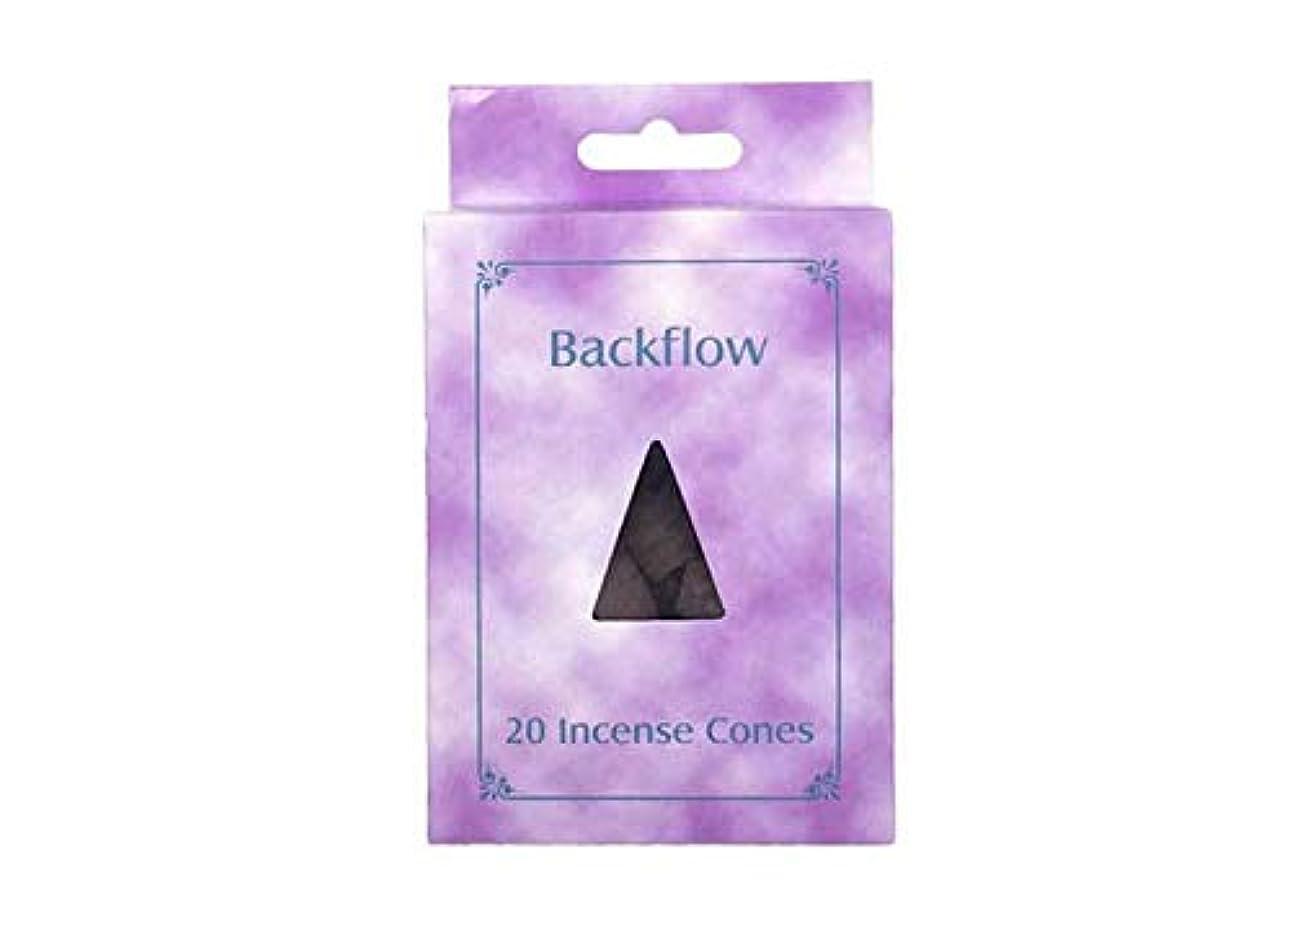 迷彩黒人テメリティお香 逆流コーン 逆流香 20p ローズ Backflow Incense Cones 20p Rose